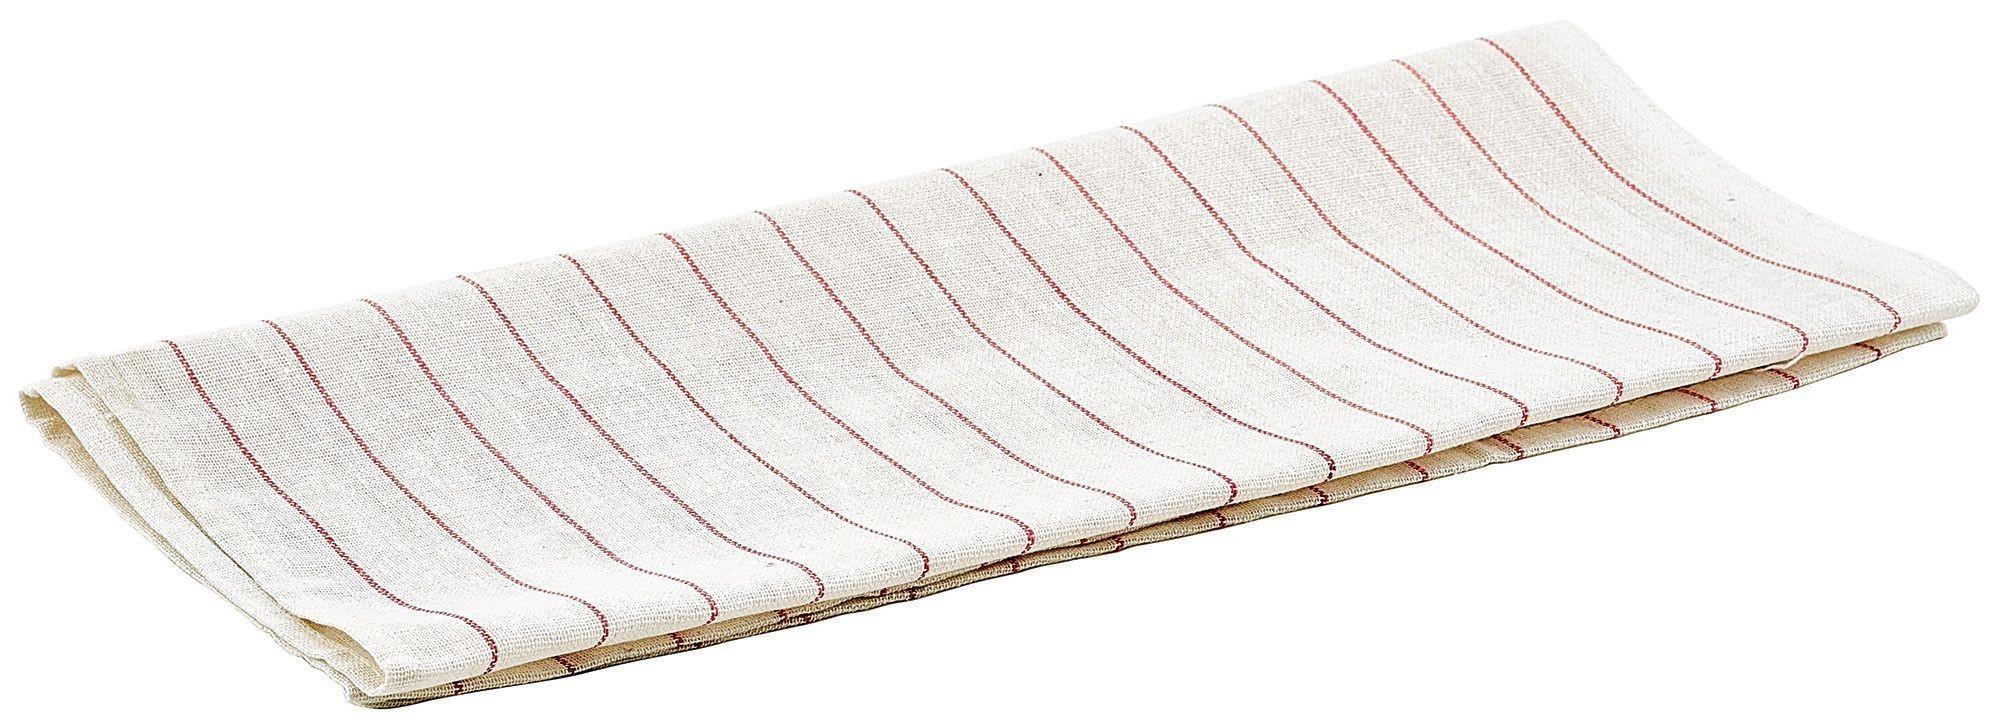 """Winco BTGP-21 Glass Polishing Towel, 16"""" x 29"""""""